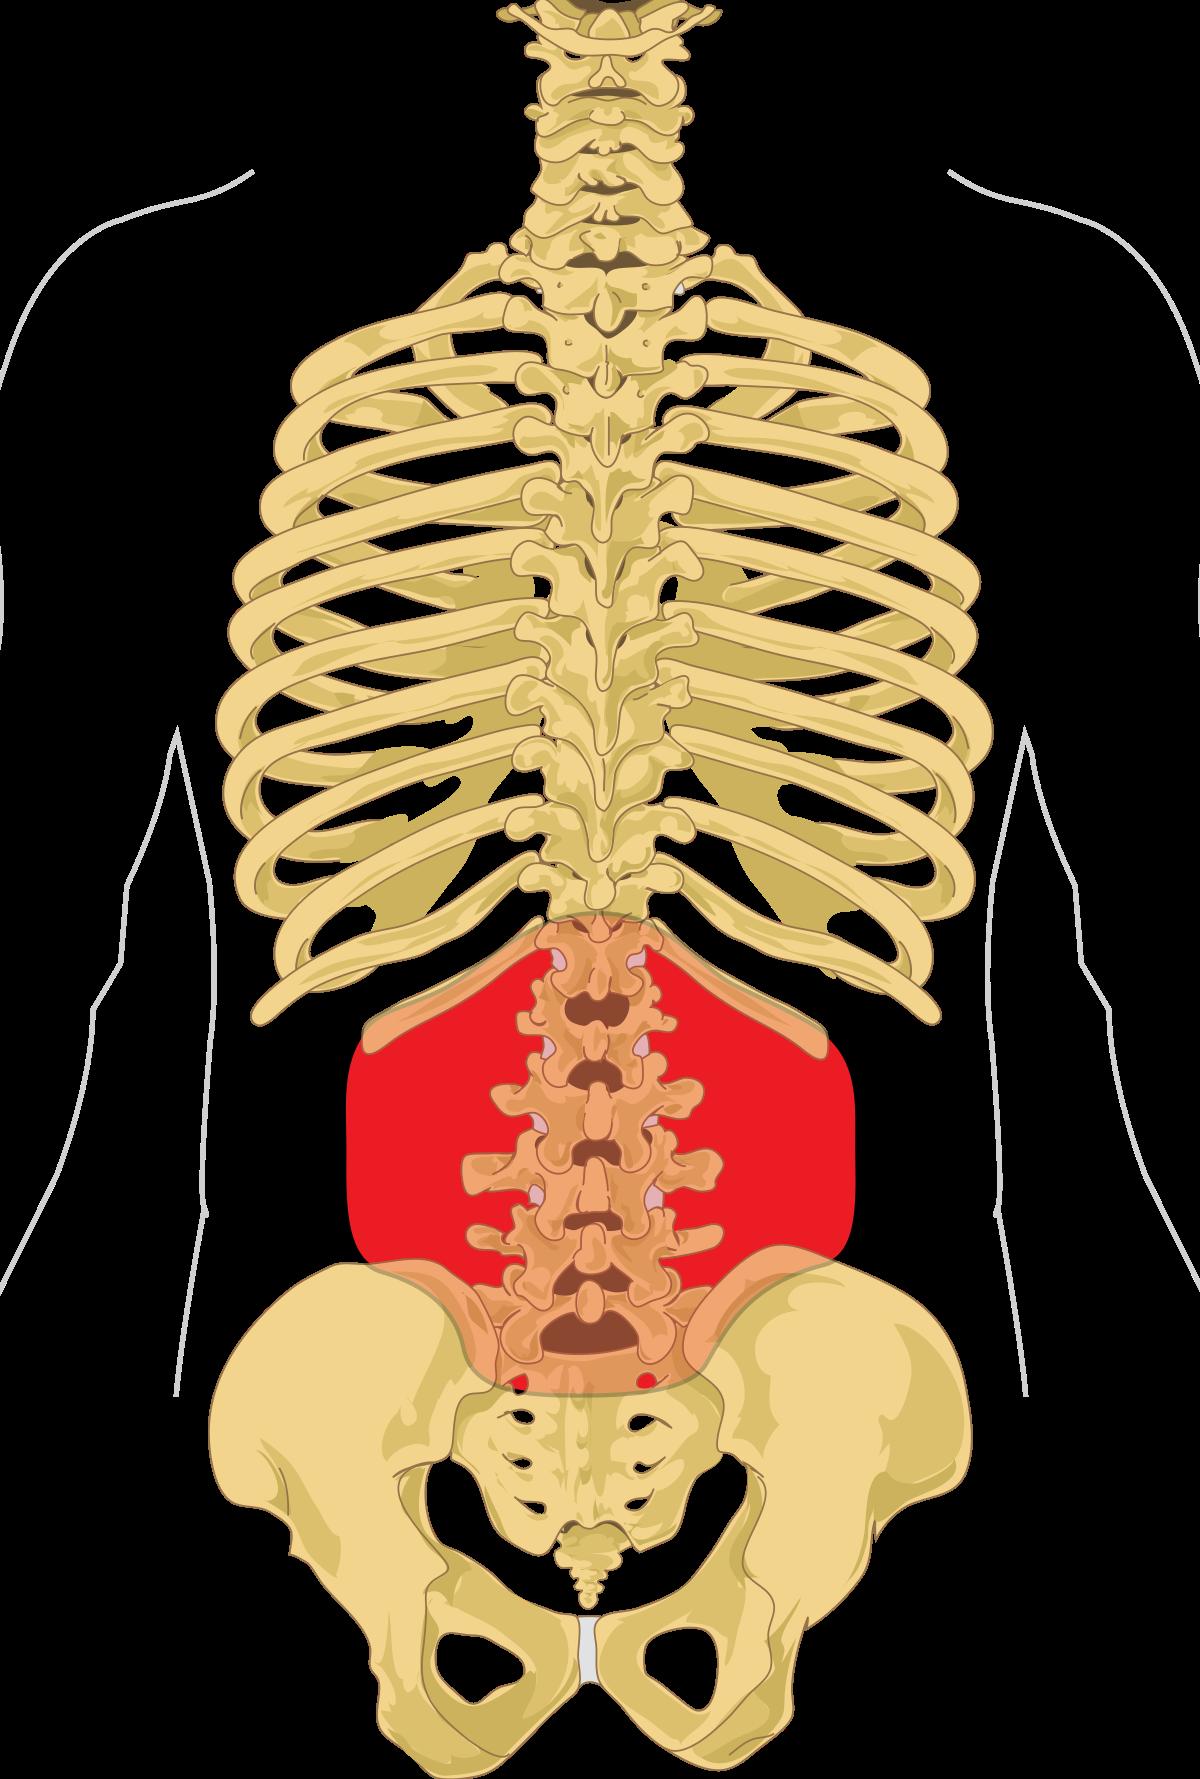 izom és csonterősítő hatékony kenőcs a kézízületekre